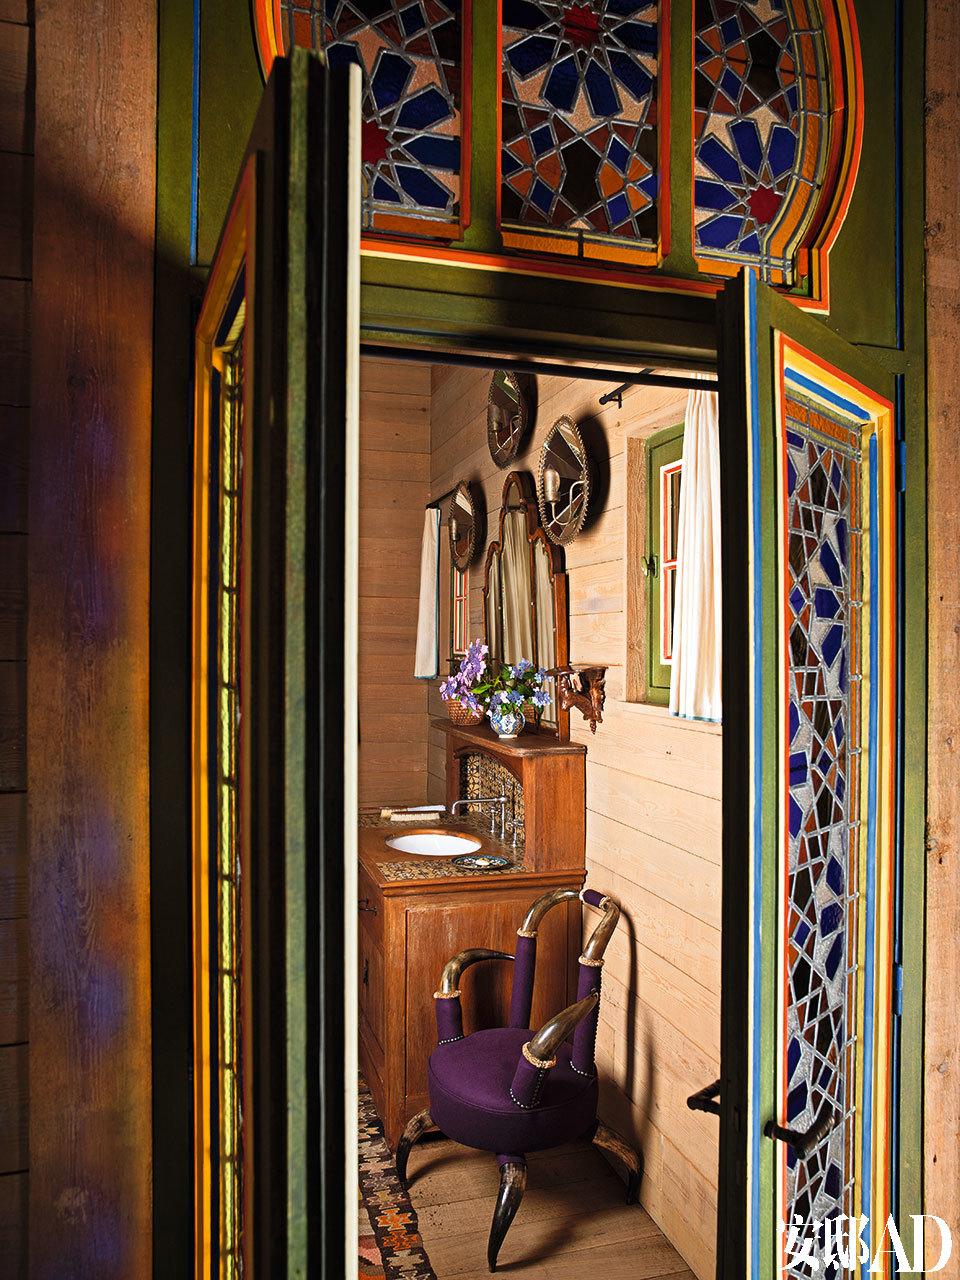 打开着色玻璃门后是卫生间;古董法式梳妆台上挂着几盏19世纪的壁灯,扶手椅也是19世纪的奥地利制造的。